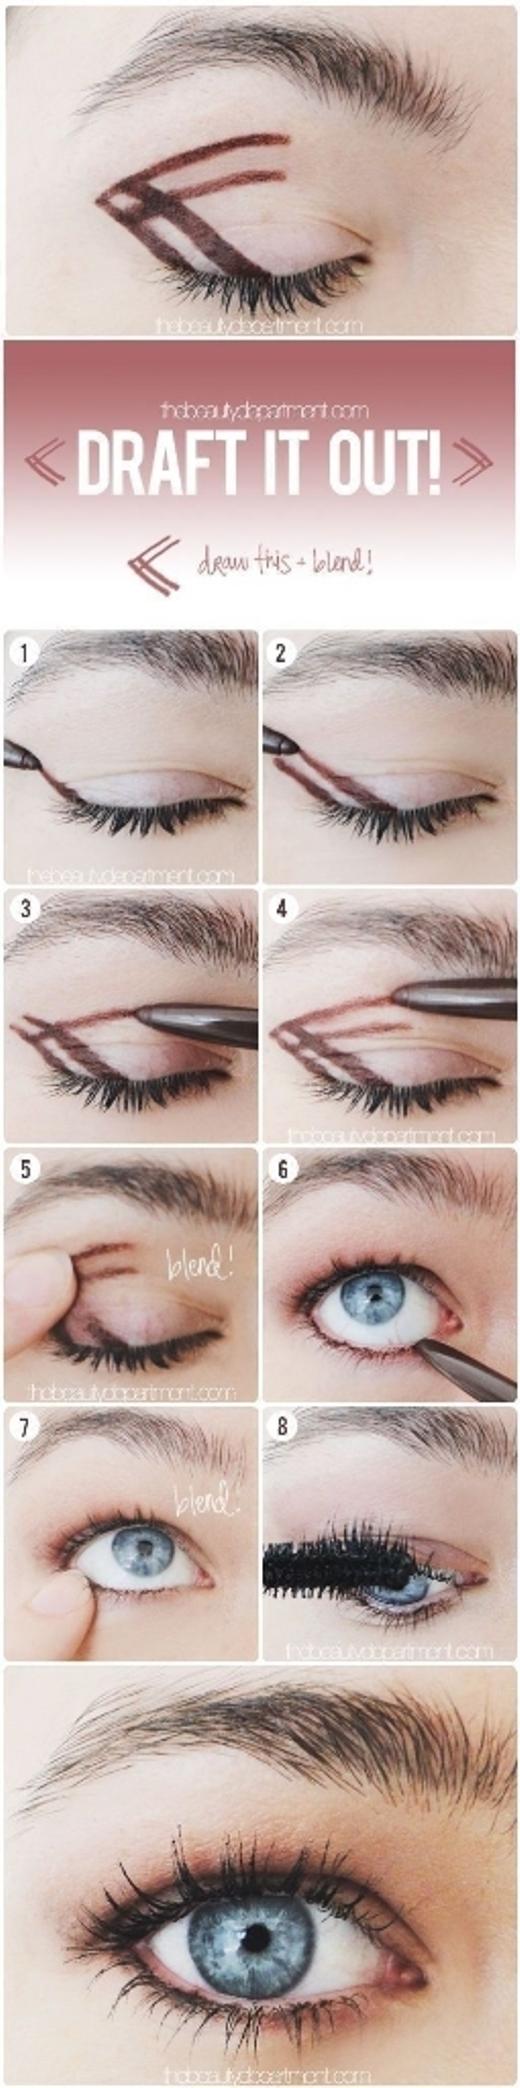 Tuyệt chiêu này dành cho những nàng không biết cách đánh màu mắt hay thường đánh màu mắt 'lố' làm mắt trông lem nhem. Bằng cách vạch sẵn giới hạn và dùng tay tán đều, đôi mắt sẽ tươi sáng và đều màu hơn